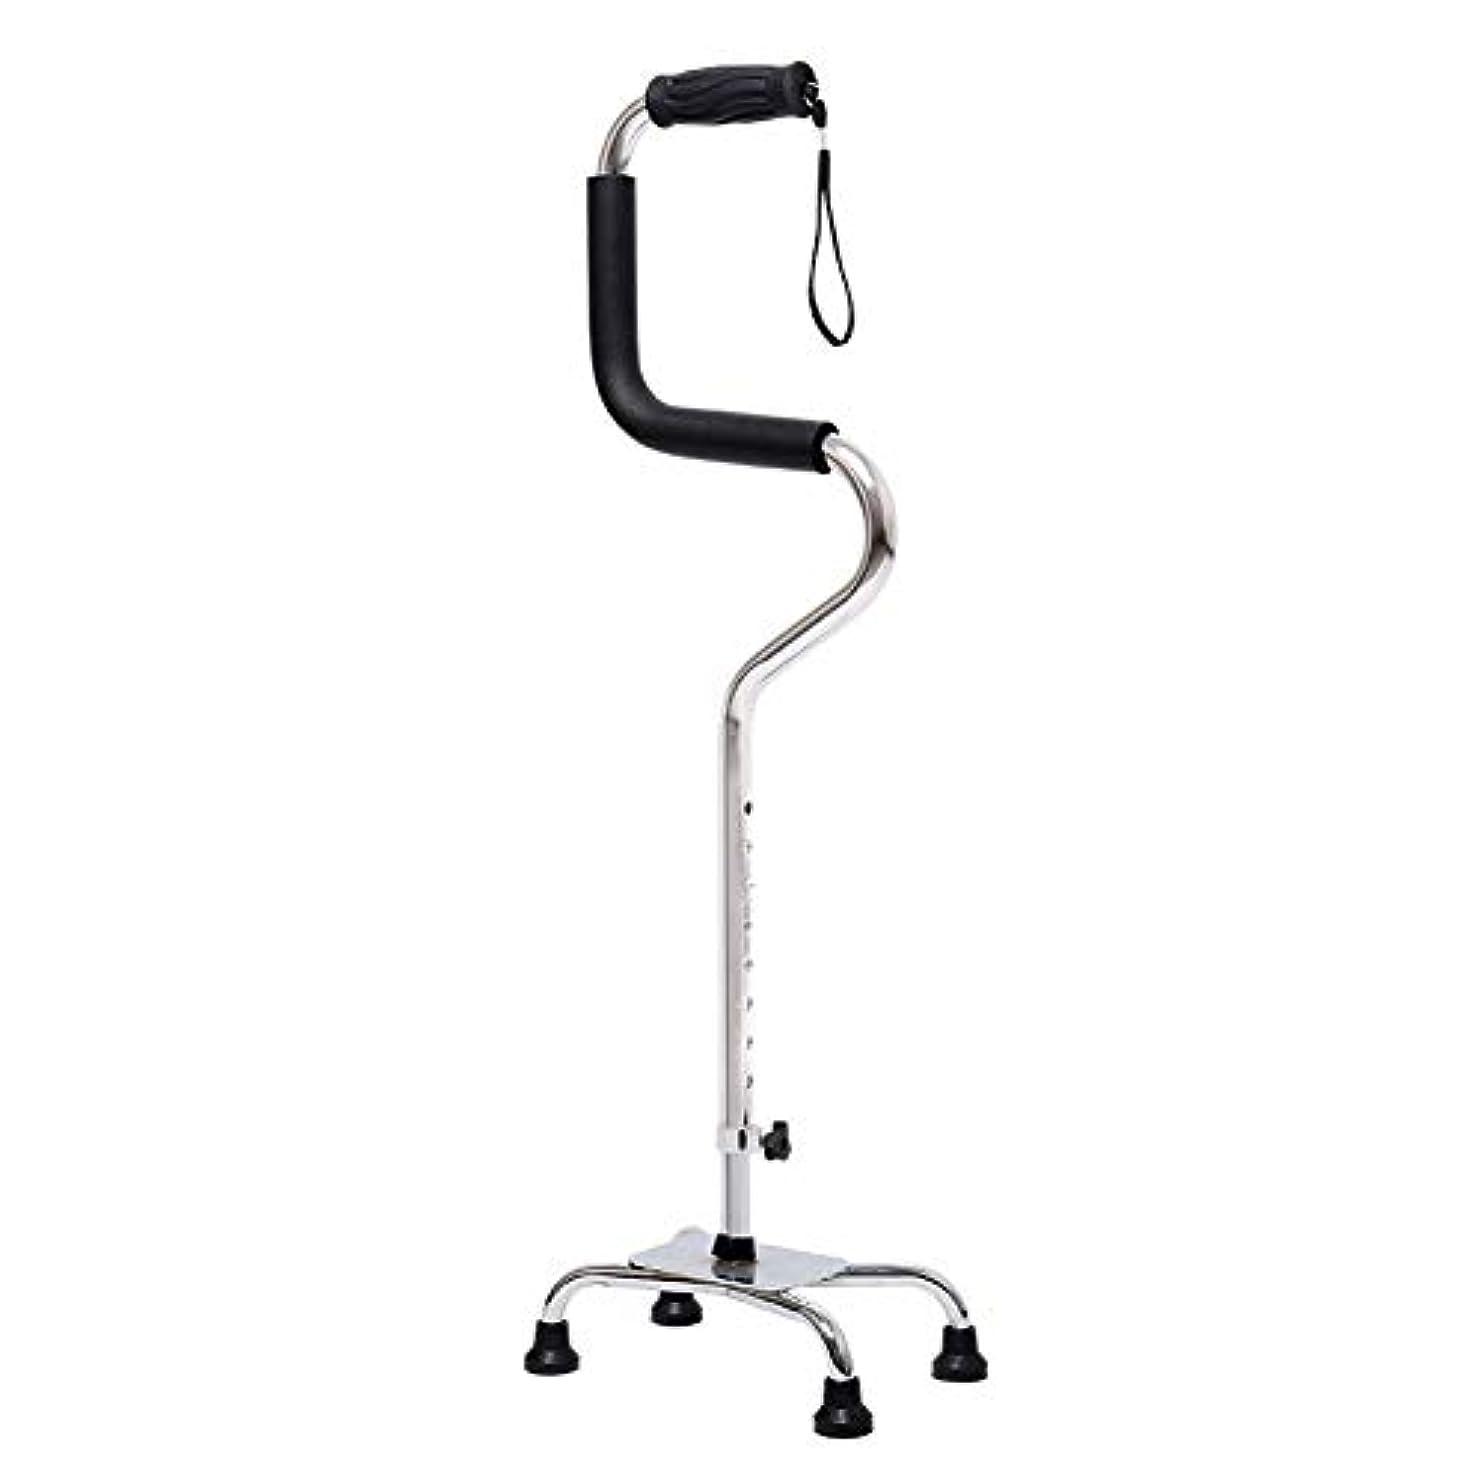 かまど柱歌うシニア/レディース/メンズアルミ合金1.2kg 130kgをロードするための4本足で調節可能な78-95.5cmソフトグリップライトアップを手助けする杖/杖 両親への最高の贈り物 (Color : 銀)